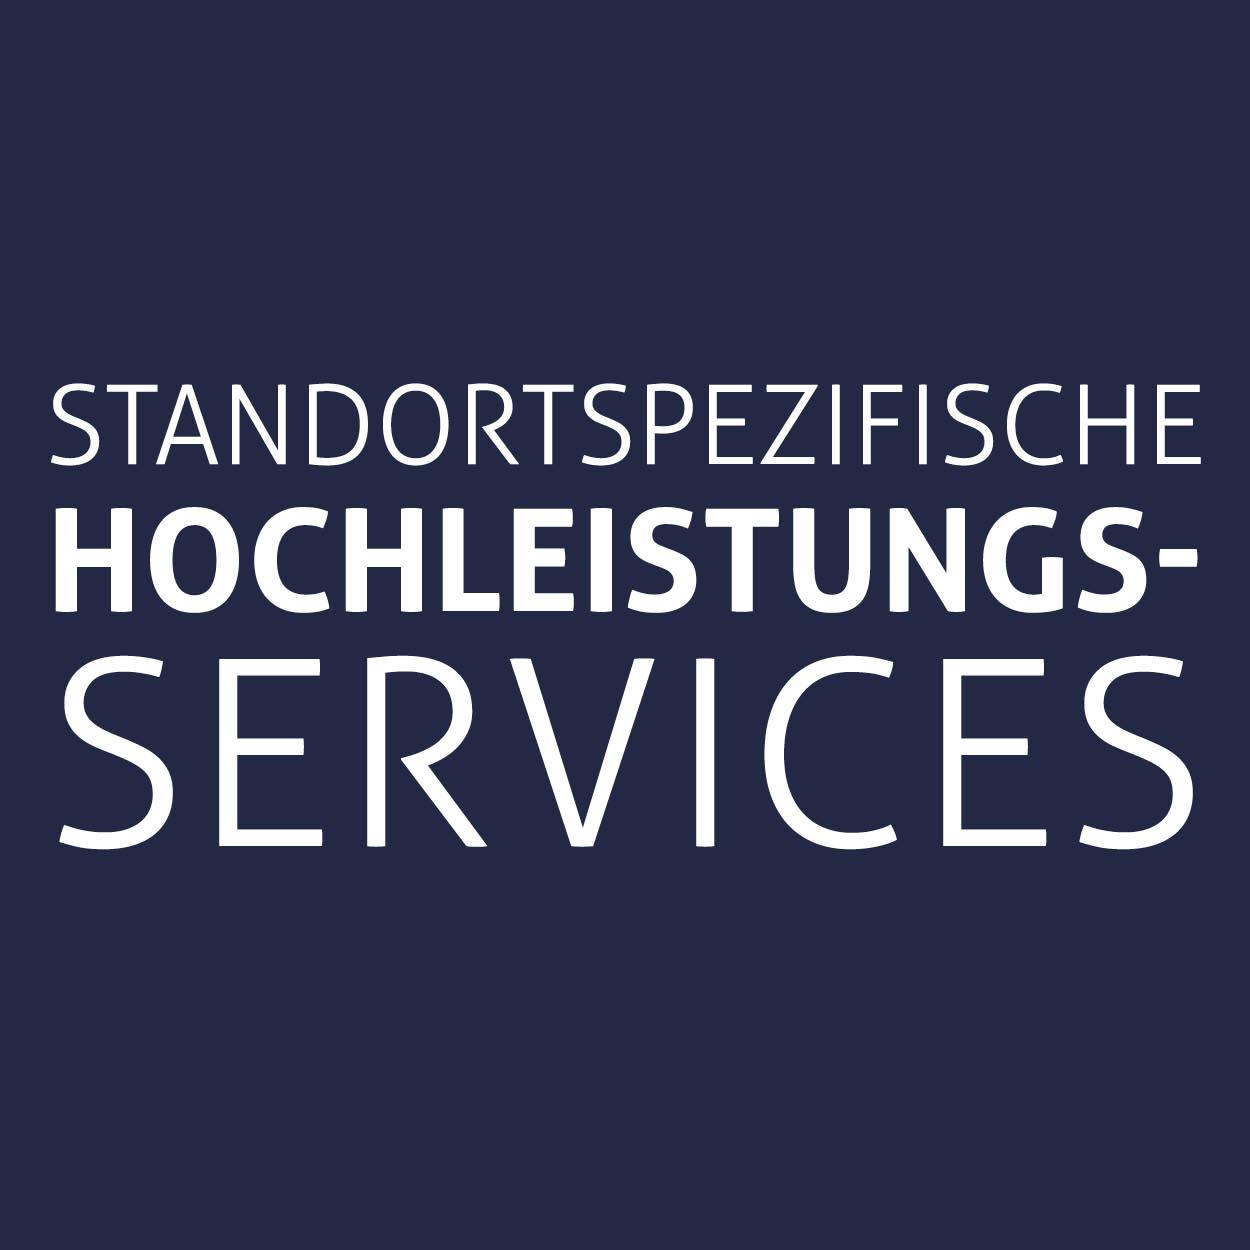 Standortspezifische hochleistungs-services